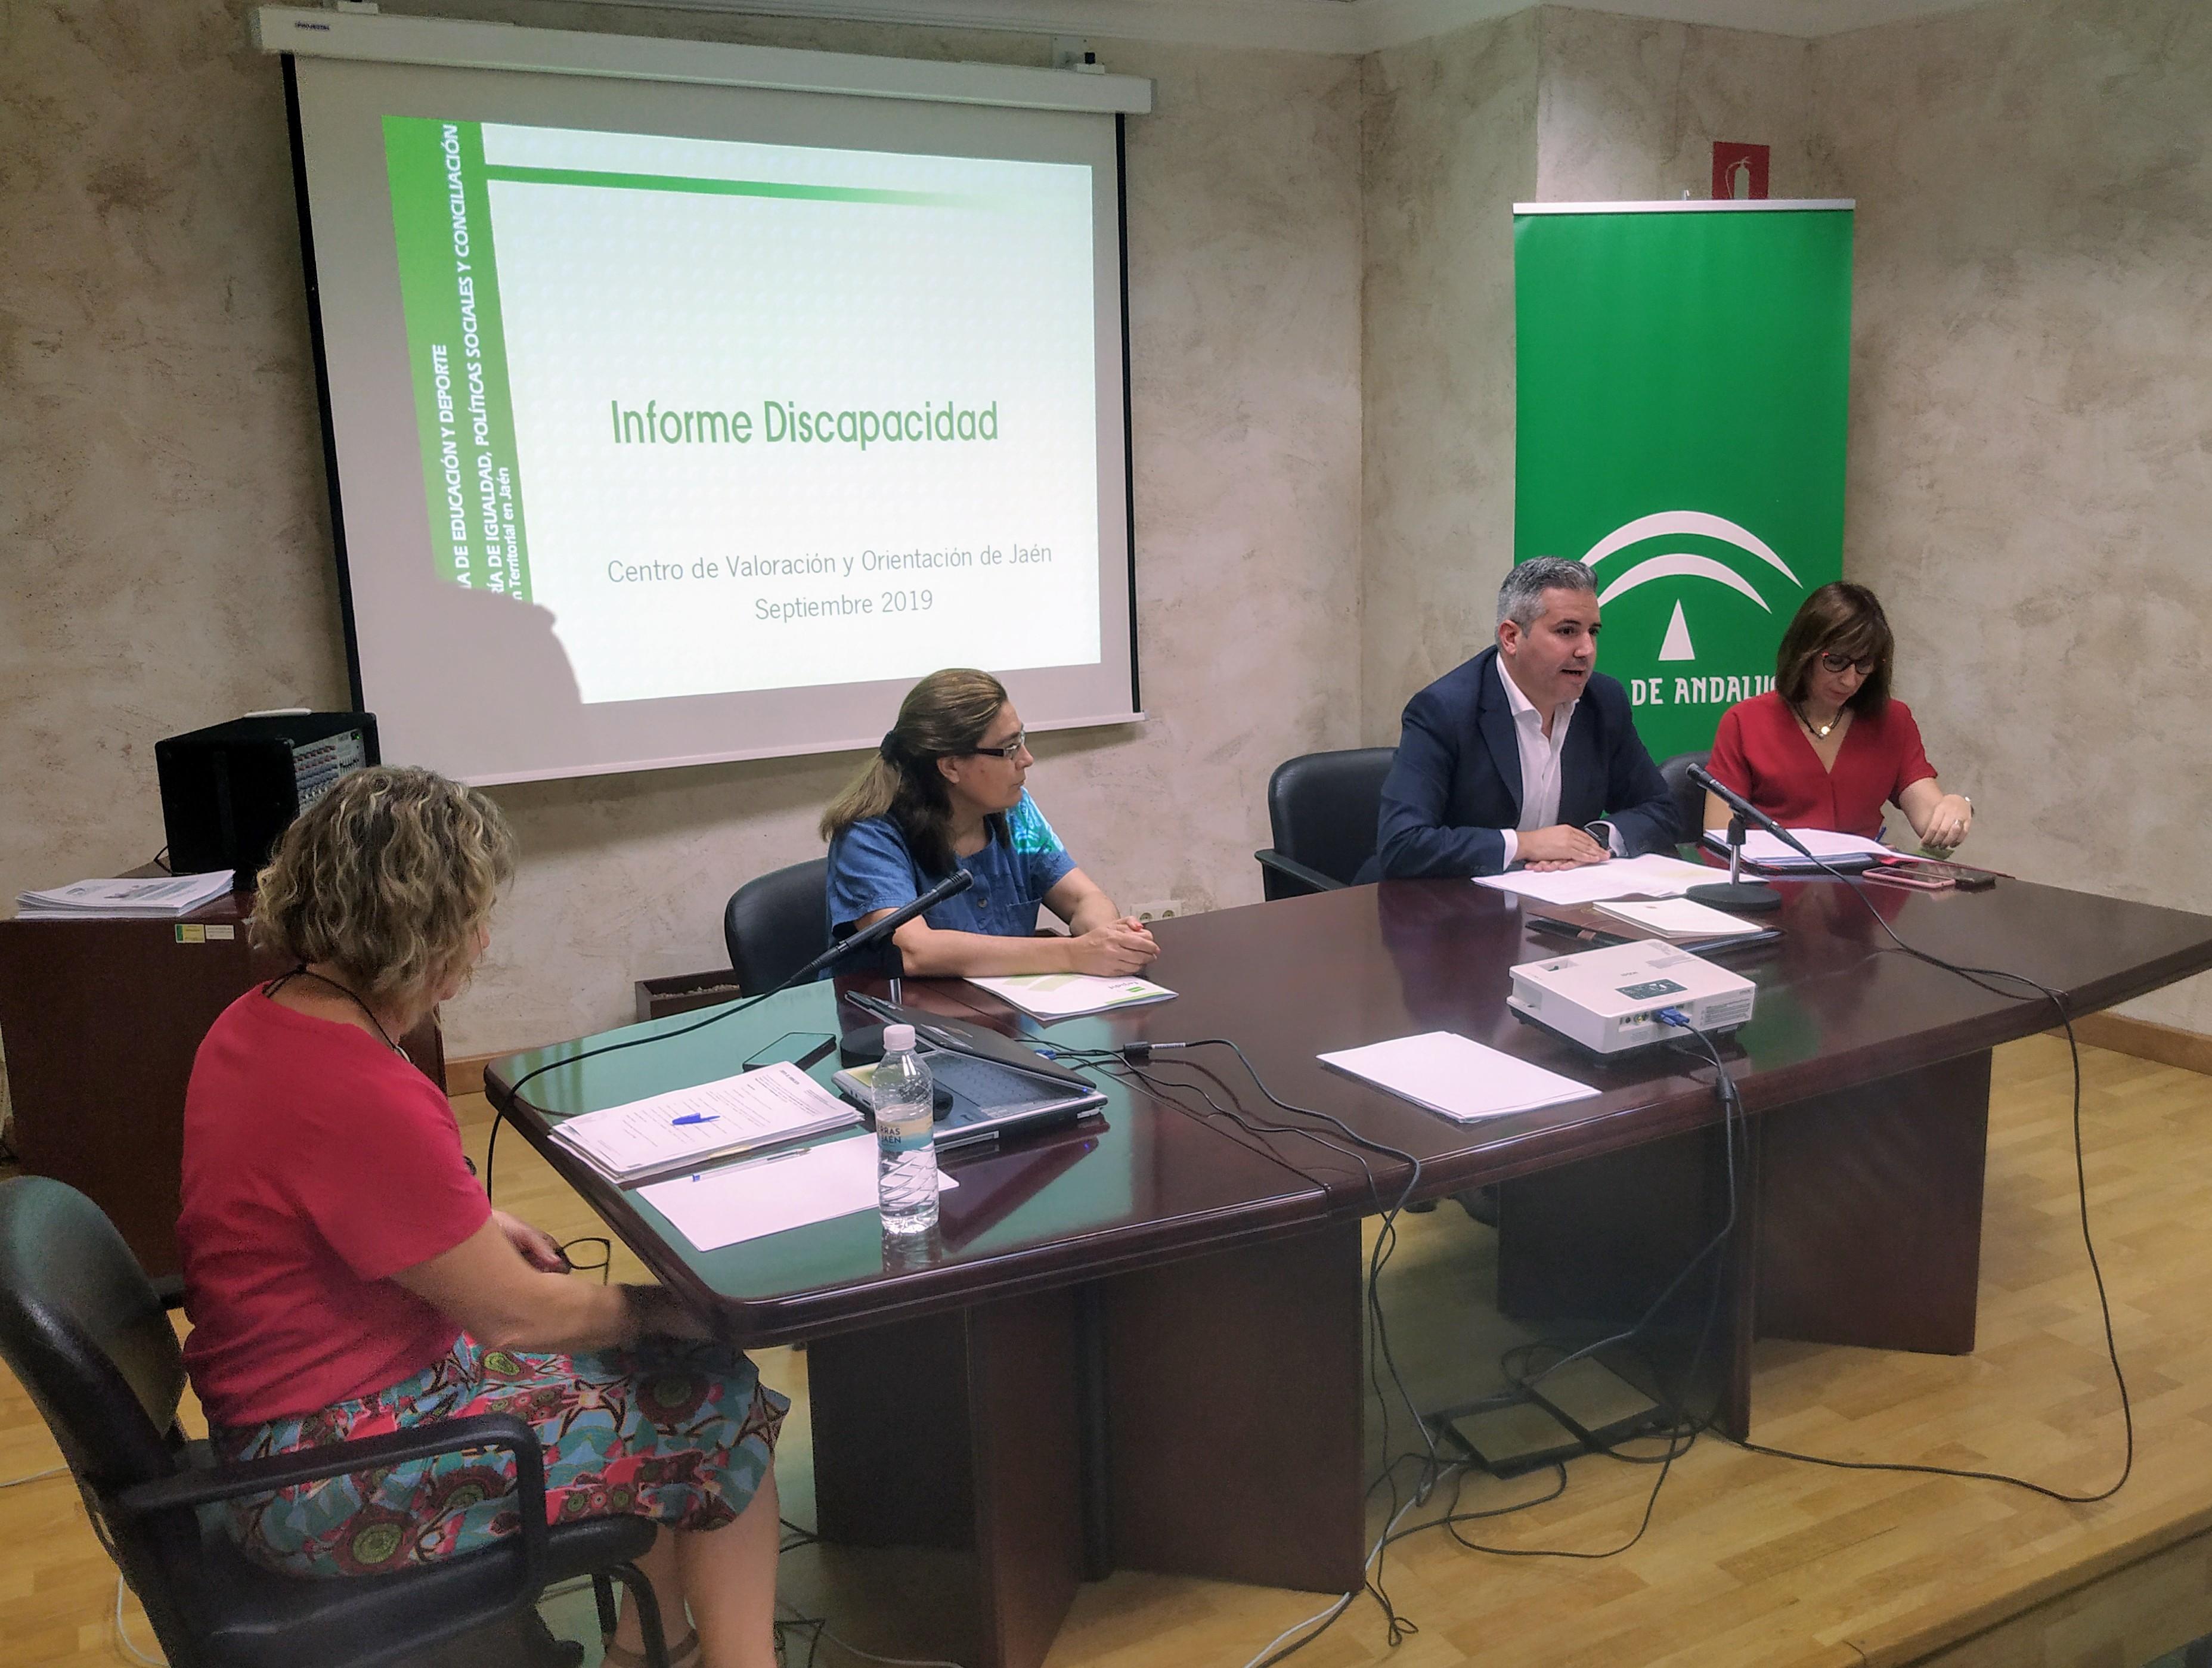 El Consejo de Atención a la Discapacidad informa sobre 251.000 euros en ayudas